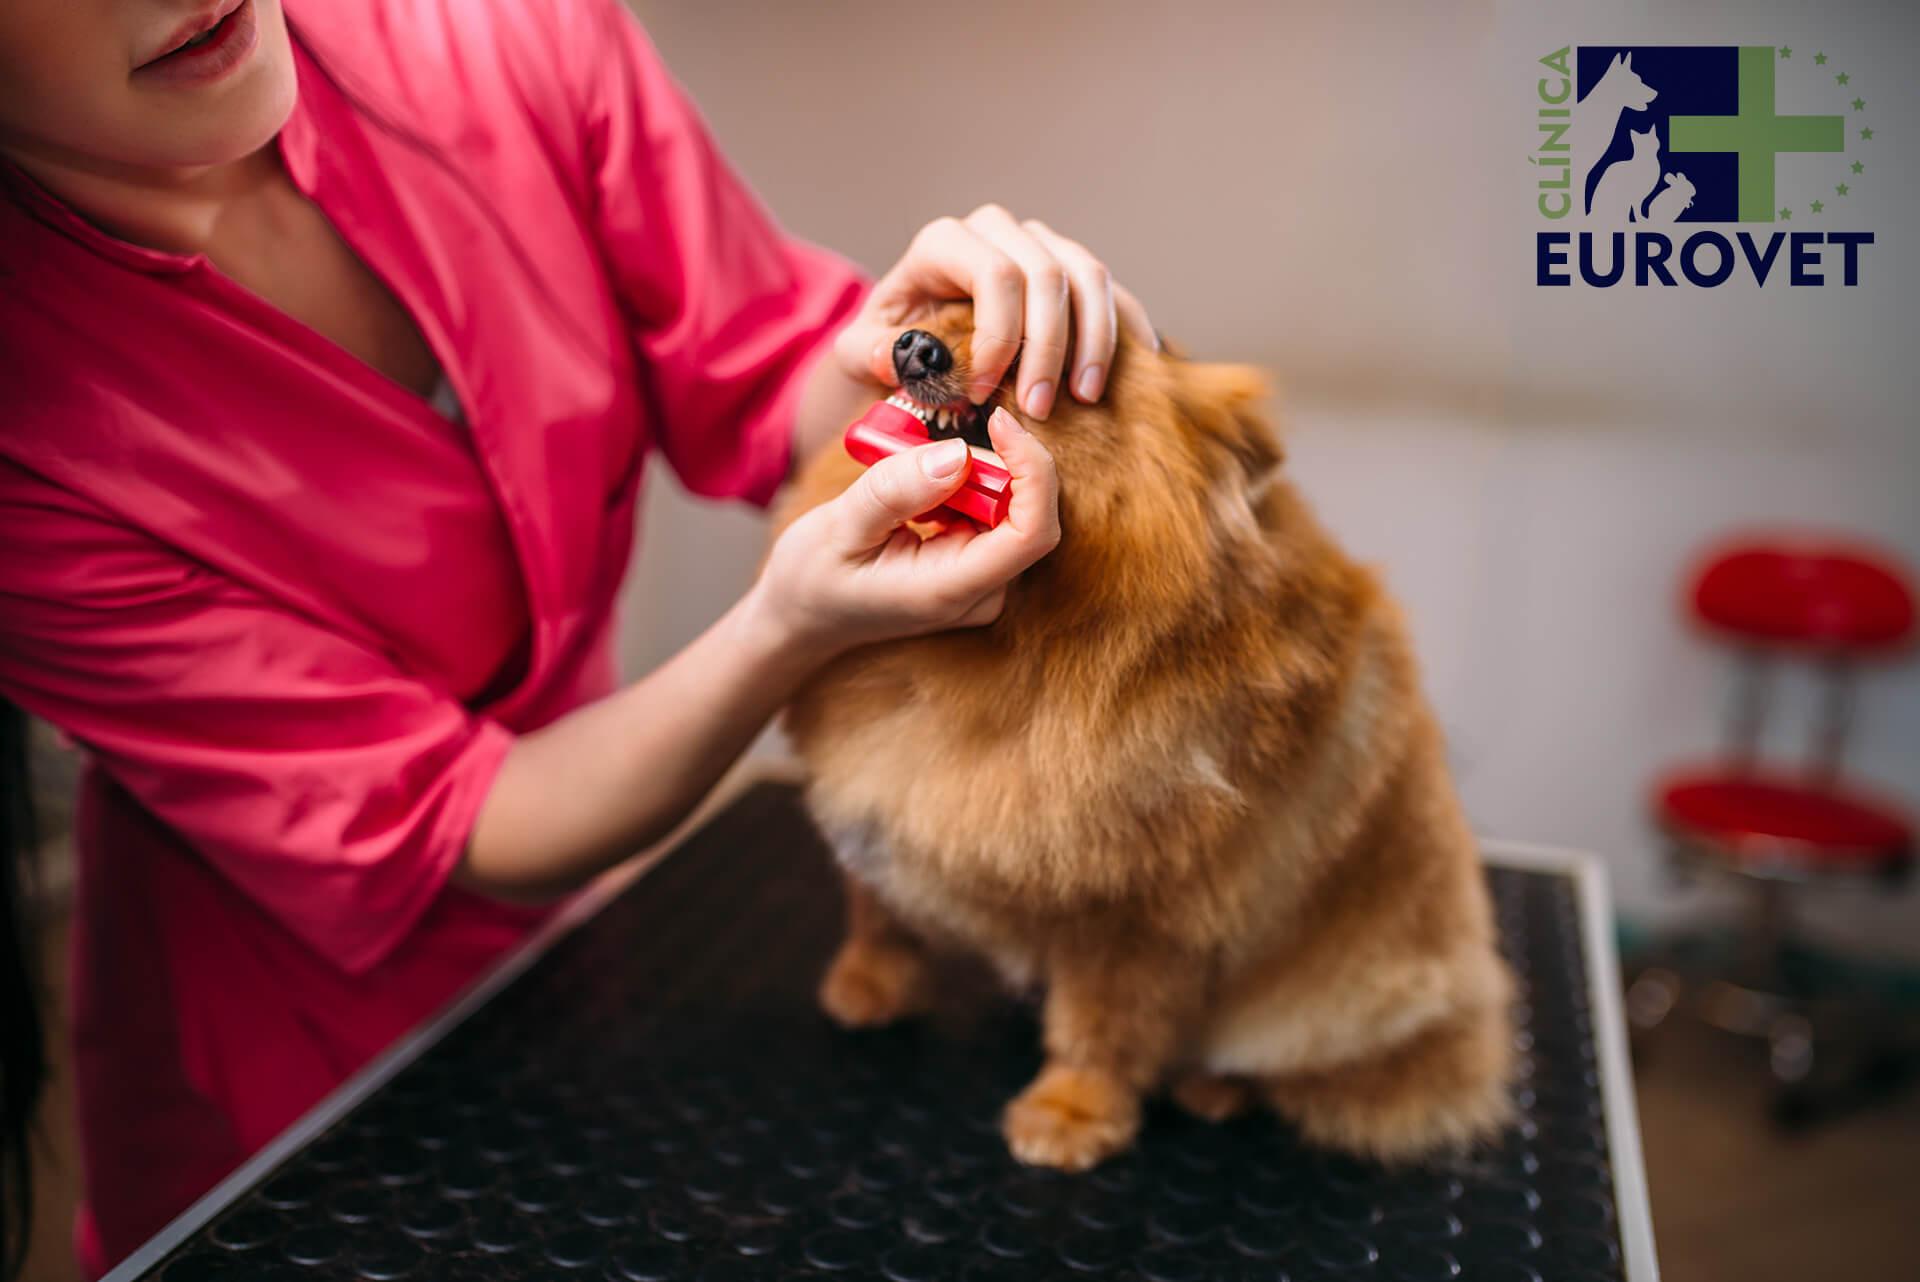 veterinaria eurovet peniscola